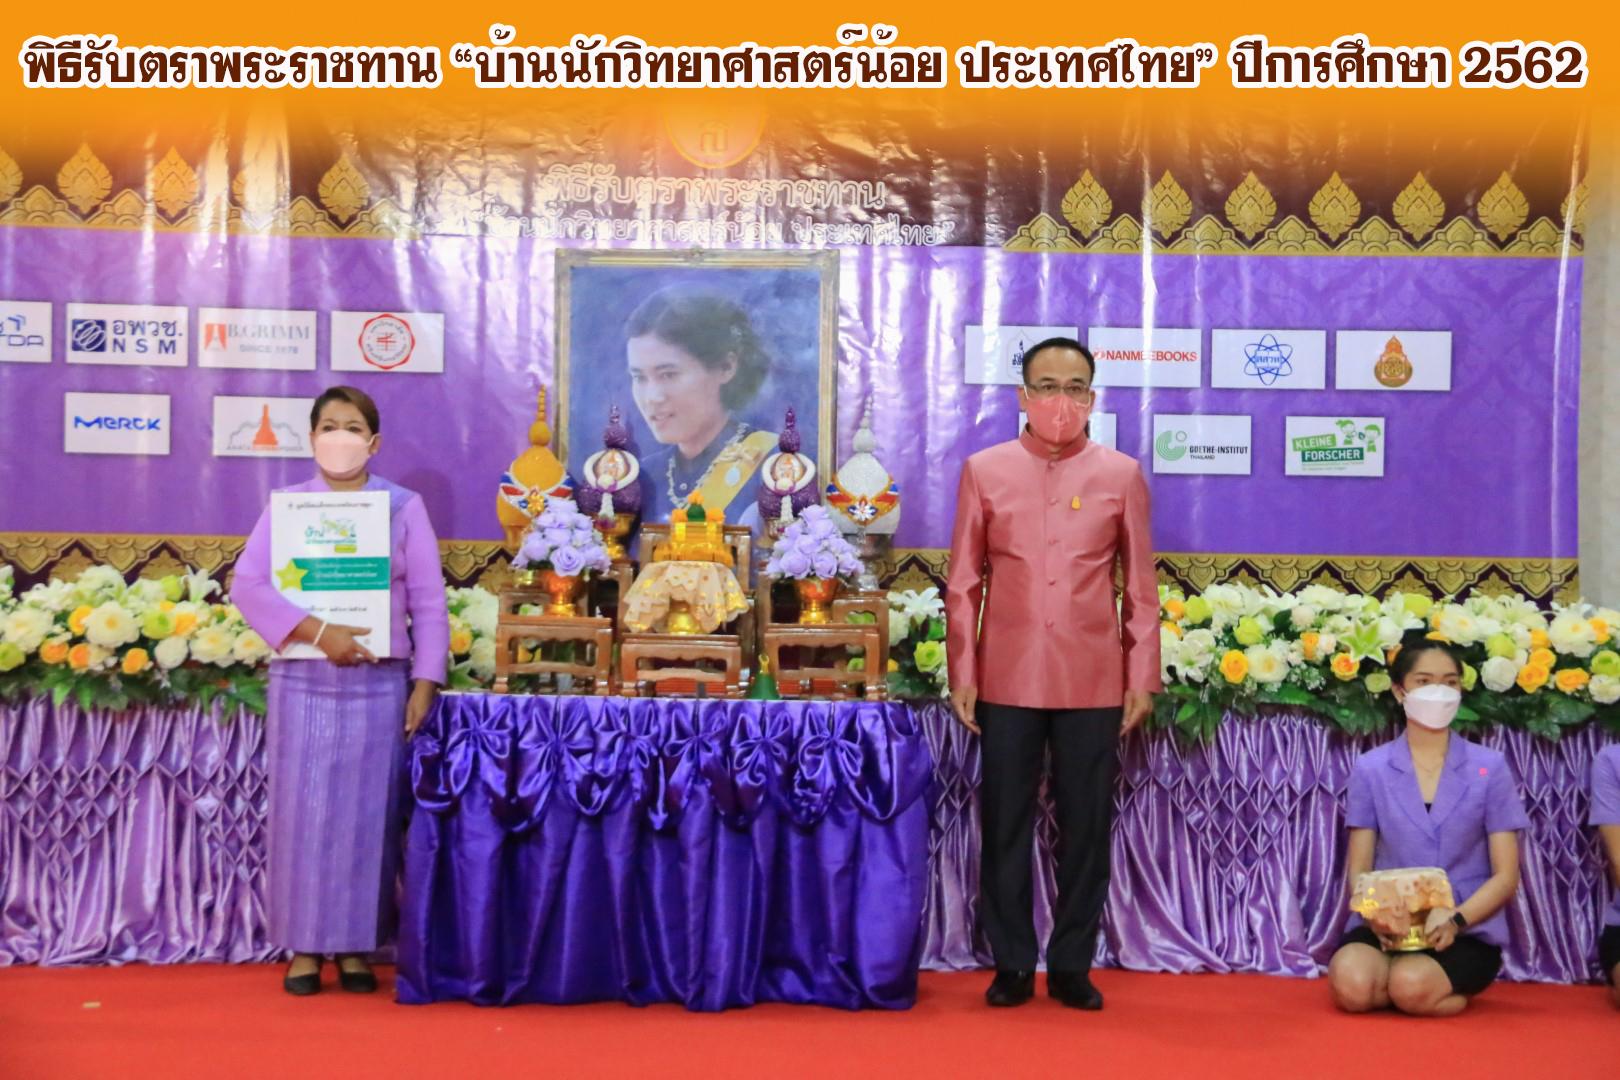 พิธีรับตราพระราชทาน บ้านนักวิทยาศาสตร์น้อย ประเทศไทย ปีการศึกษา 2562